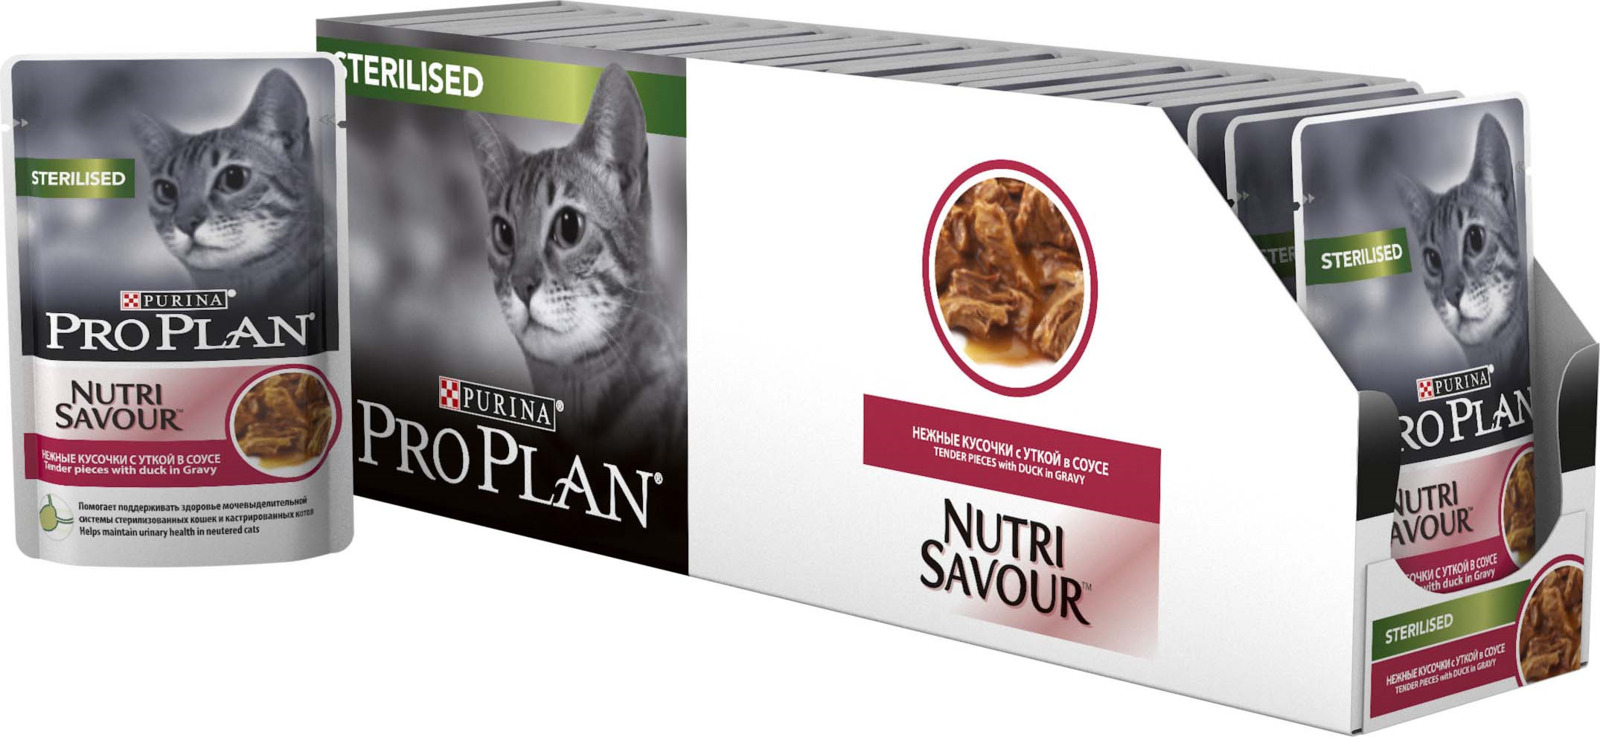 Фото - Консервы Pro Plan, для стерилизованных кошек, с уткой в соусе, 24 шт x 85 г консервы pro plan для взрослых кошек с уткой в соусе 24 шт x 85 г